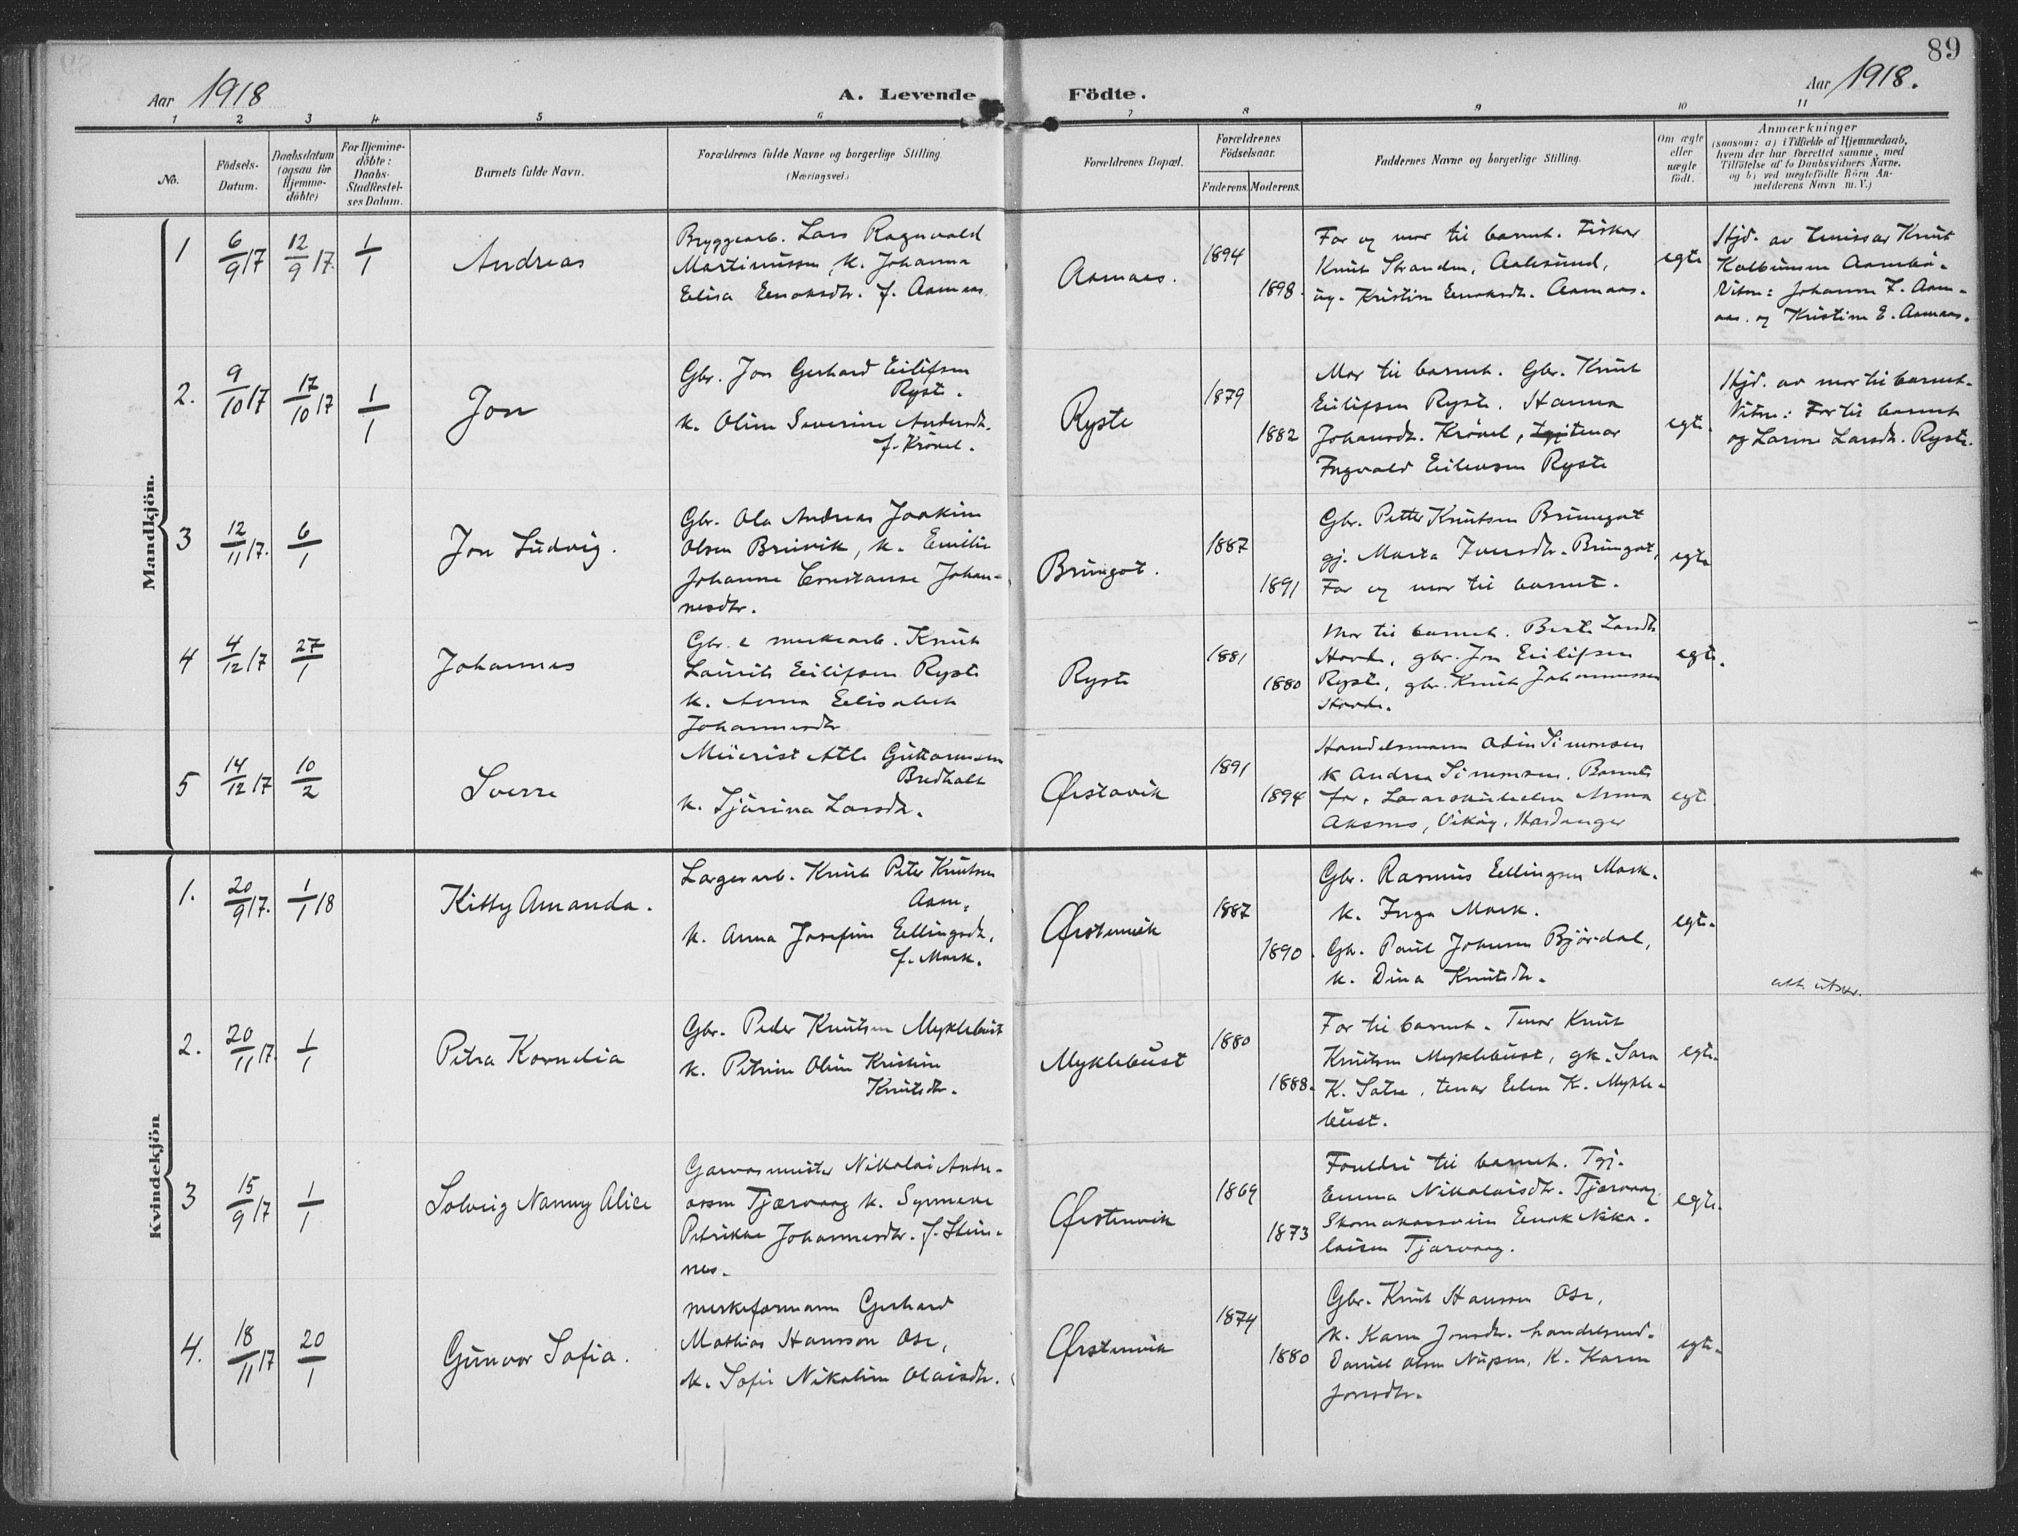 SAT, Ministerialprotokoller, klokkerbøker og fødselsregistre - Møre og Romsdal, 513/L0178: Ministerialbok nr. 513A05, 1906-1919, s. 89